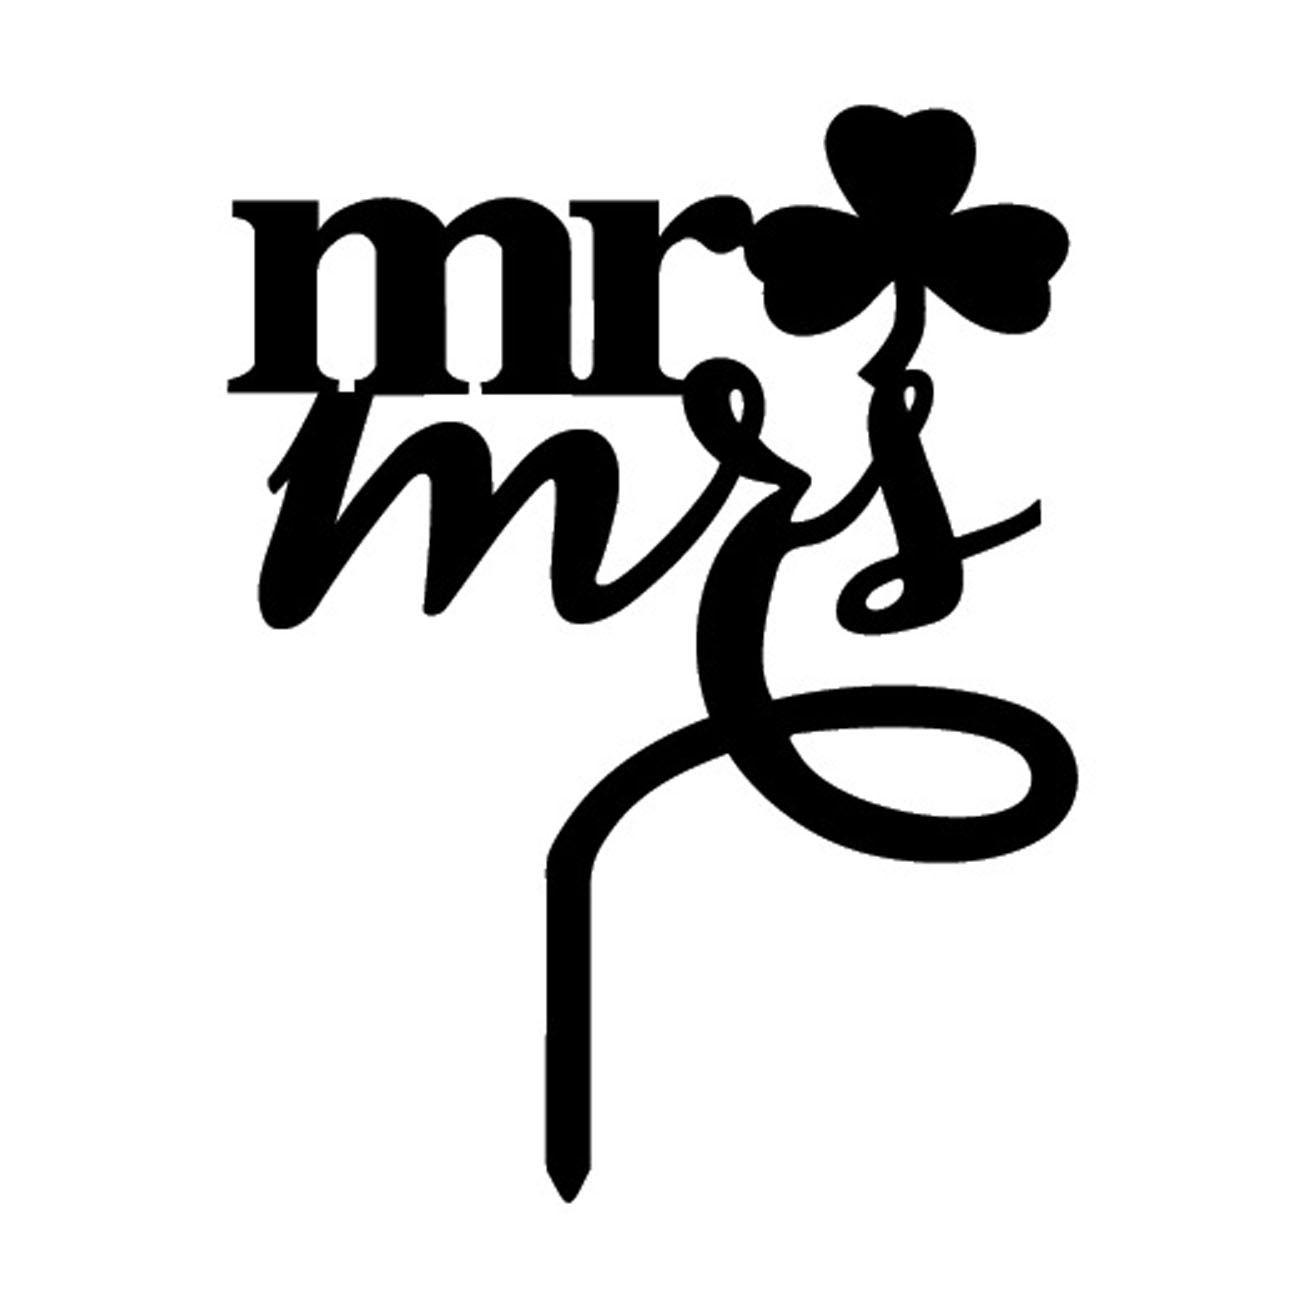 2019 Hotsale Feis all'ingrosso arcylic Mr e Mrs parole inserita carta torta topper decorazione torta nuziale accessorio